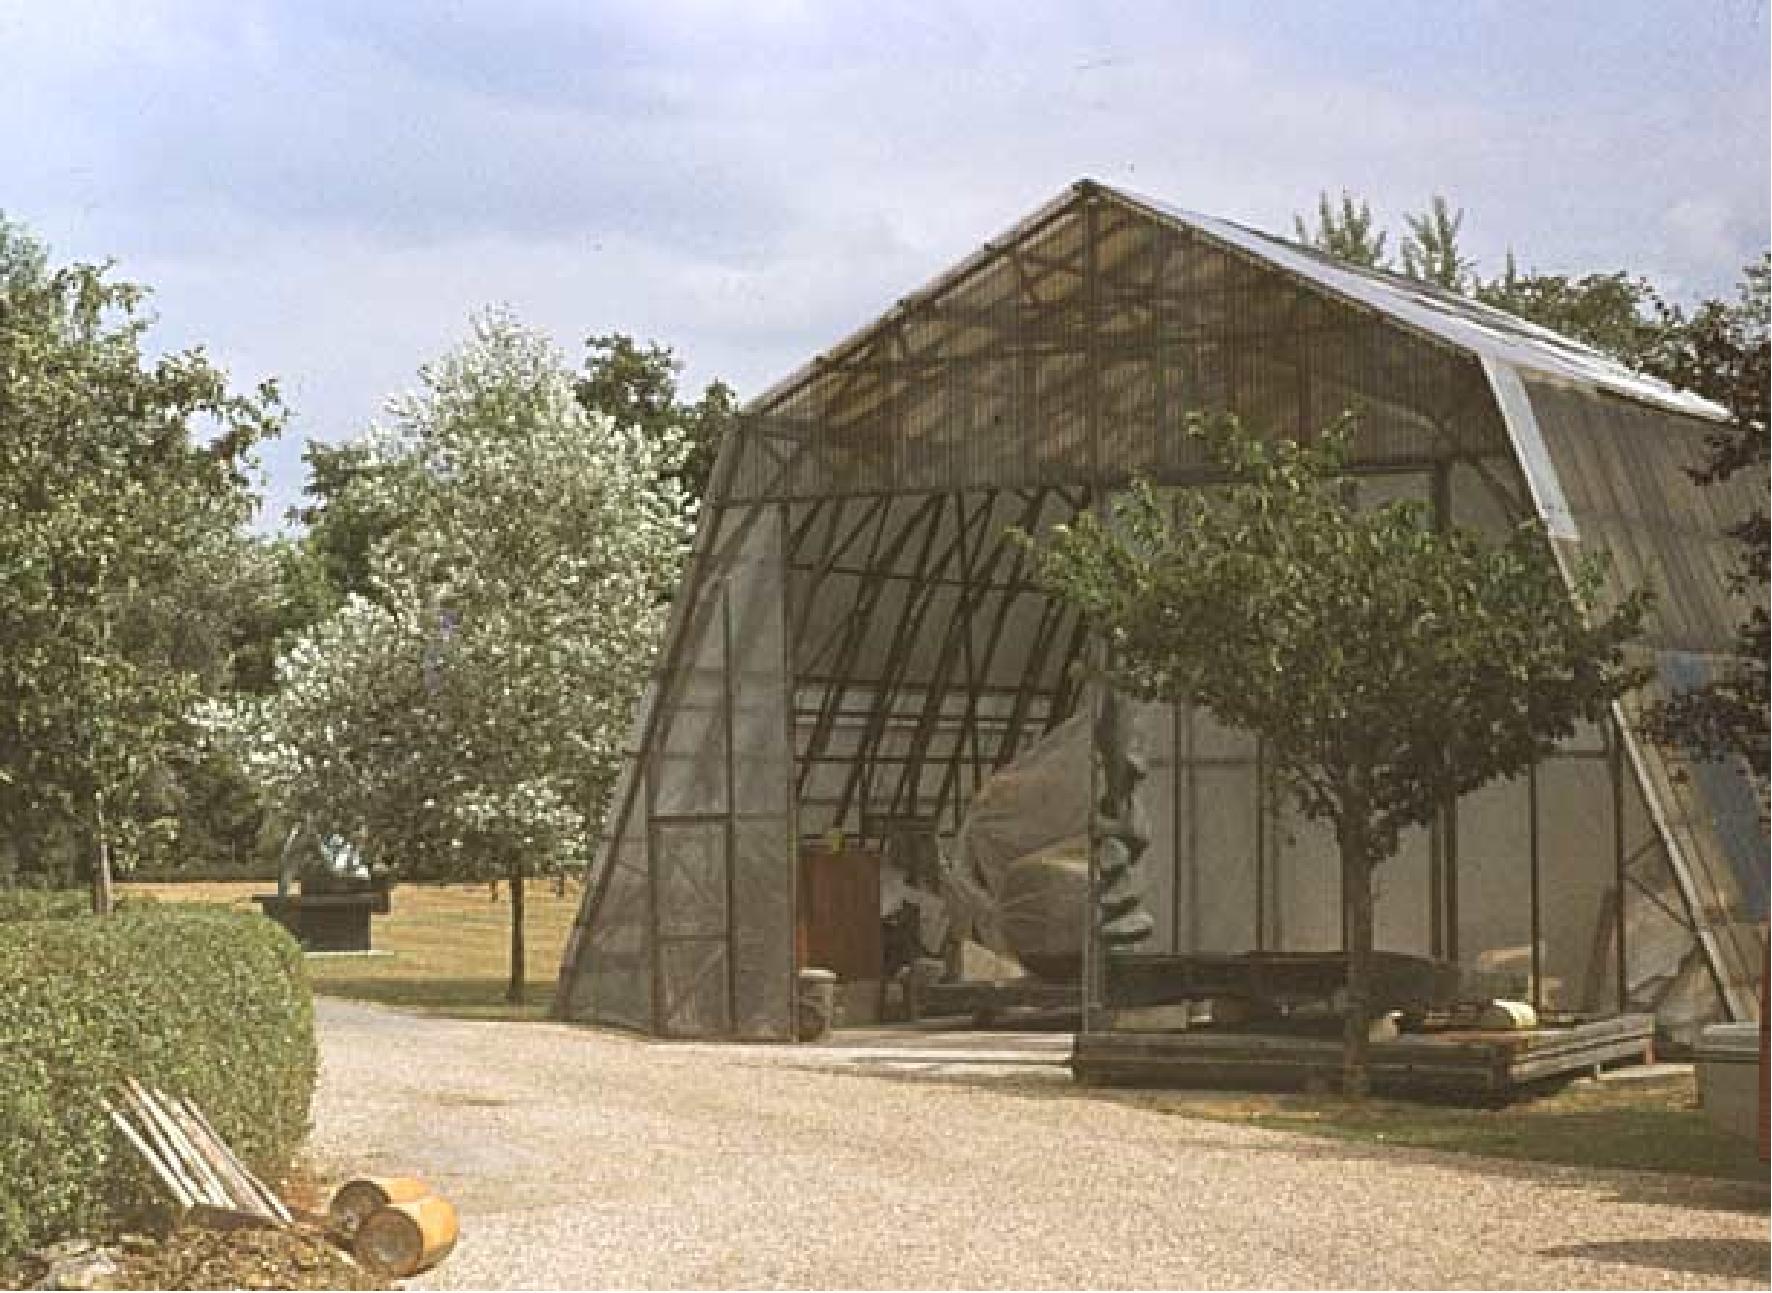 Atelierul de vară al lui Henry Moore de la Much Hadham